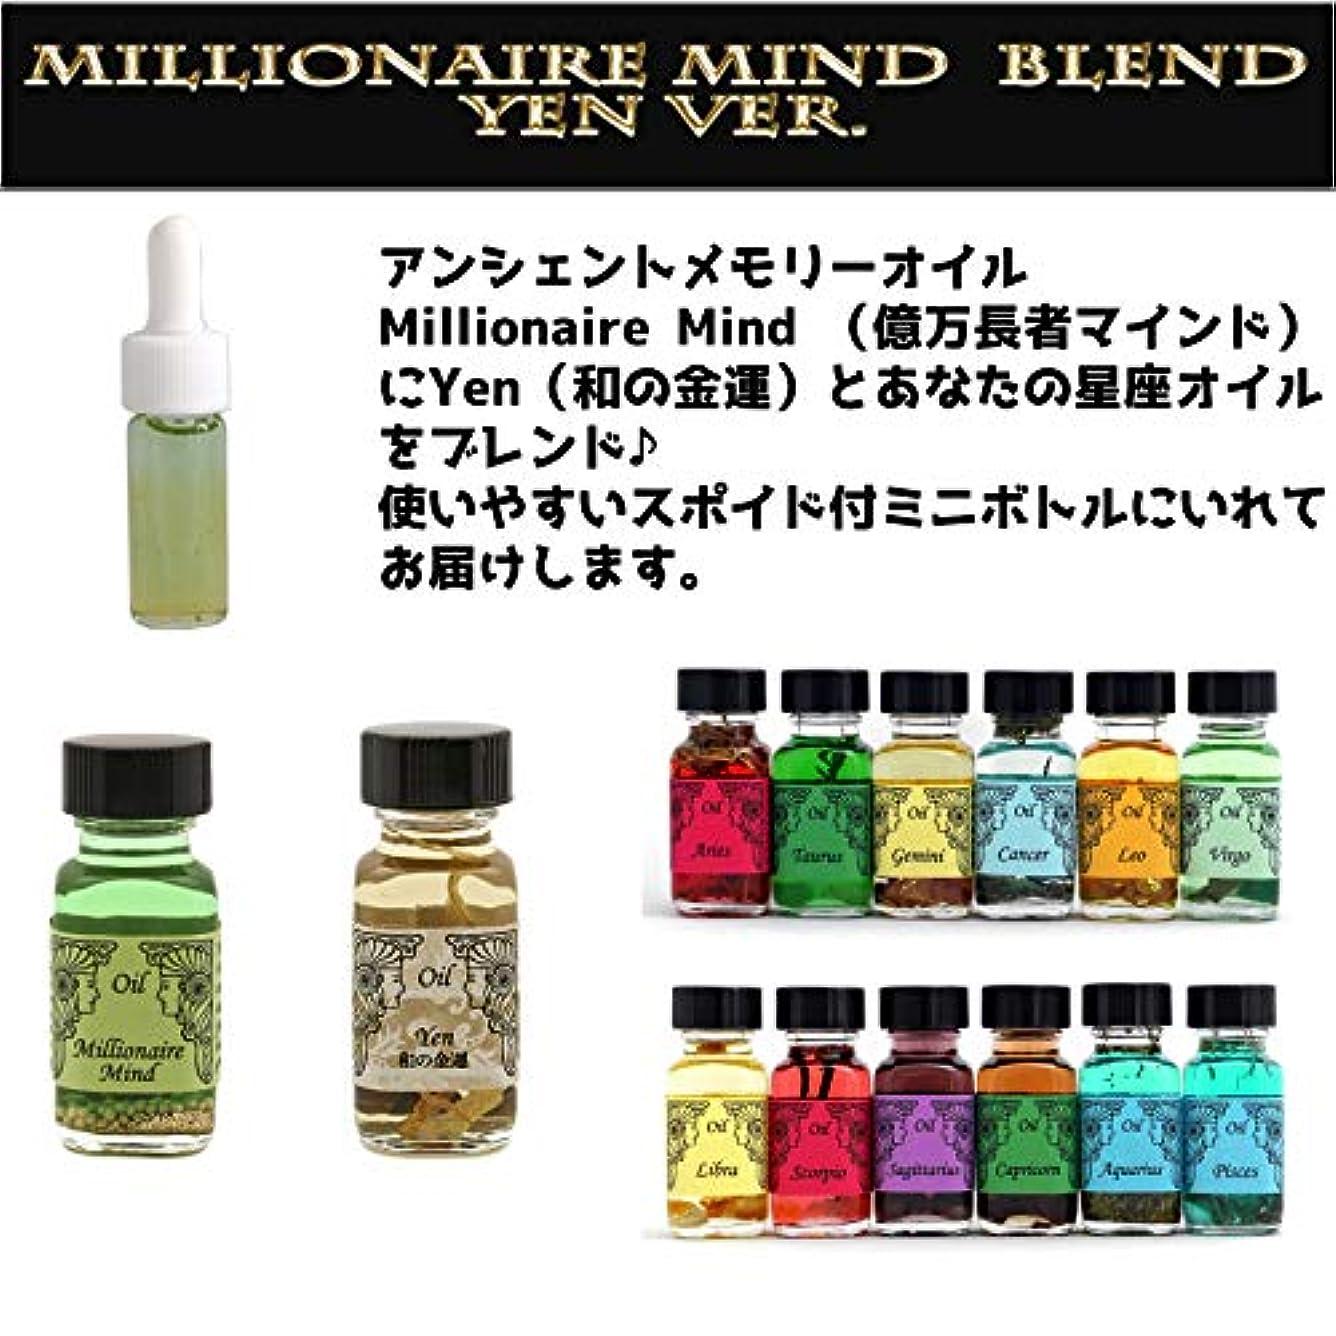 オープニング資格情報プログラムアンシェントメモリーオイル Millionaire Mind 億万長者マインド ブレンド【Yen 和の金運&いて座】